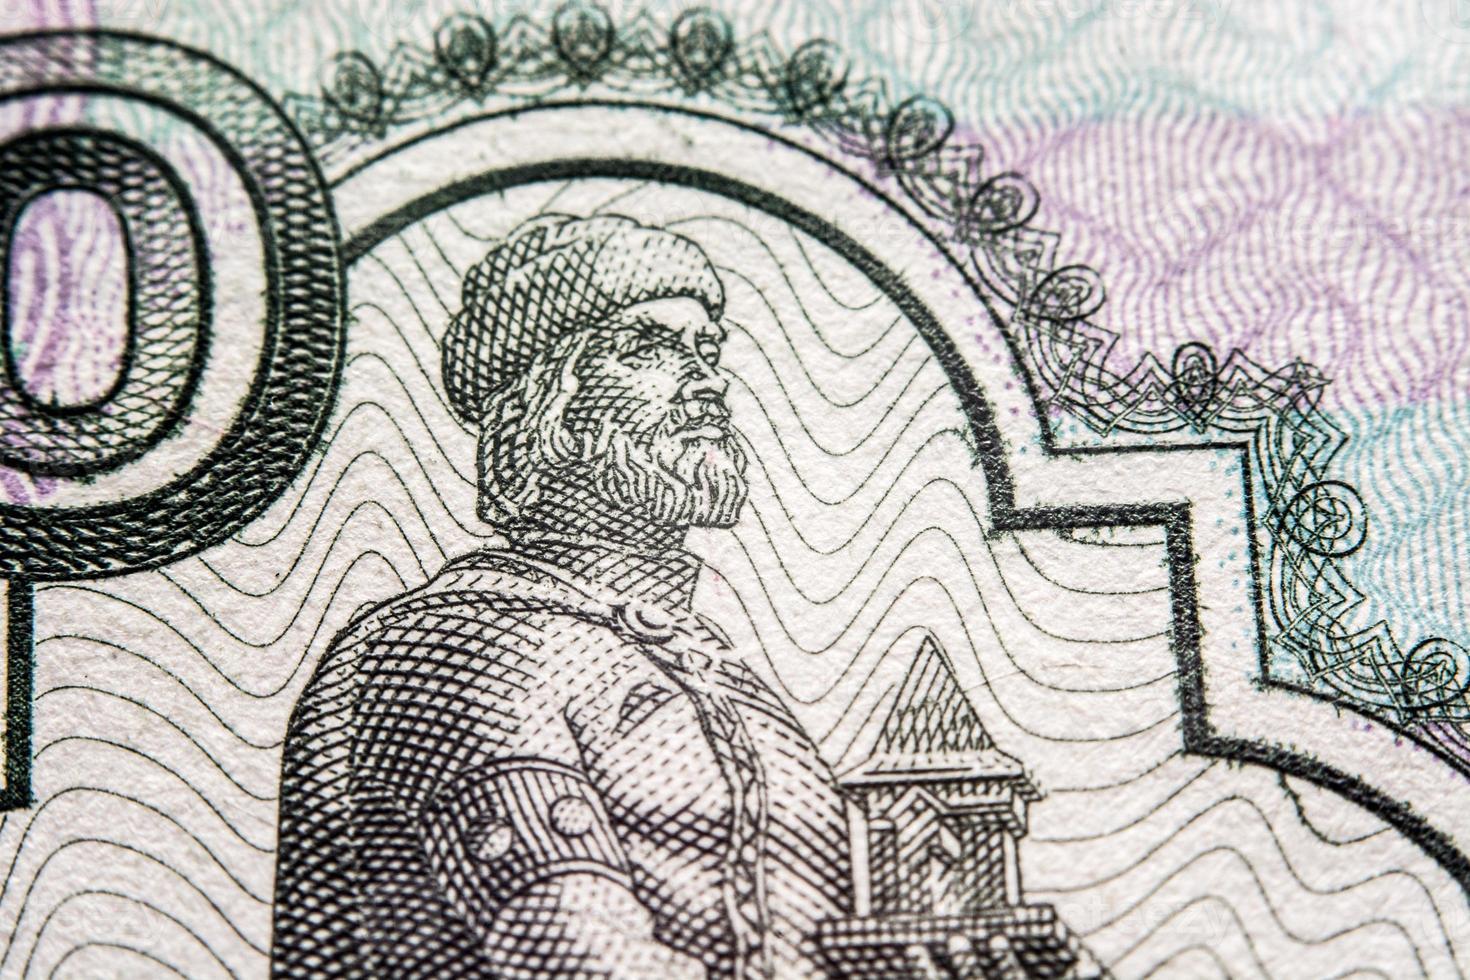 Russische roebelrekening, macrofotografie foto